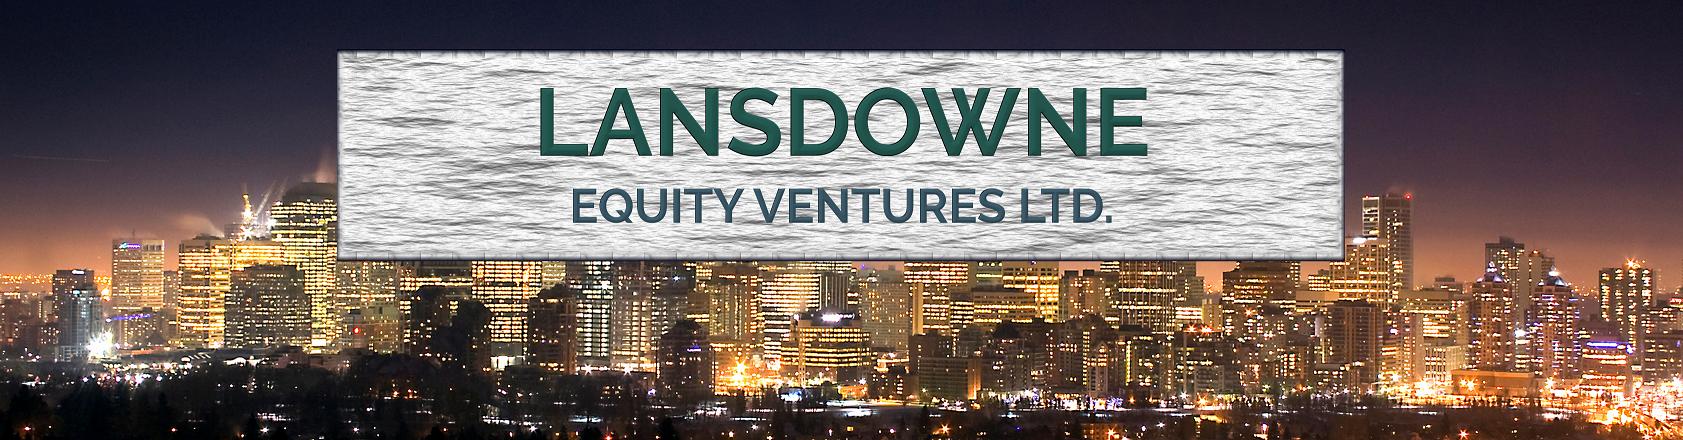 Lansdowne - Calgary Cityscape 2015 v1.15 - 50 Percent -Real Estate Investment & Land Developer